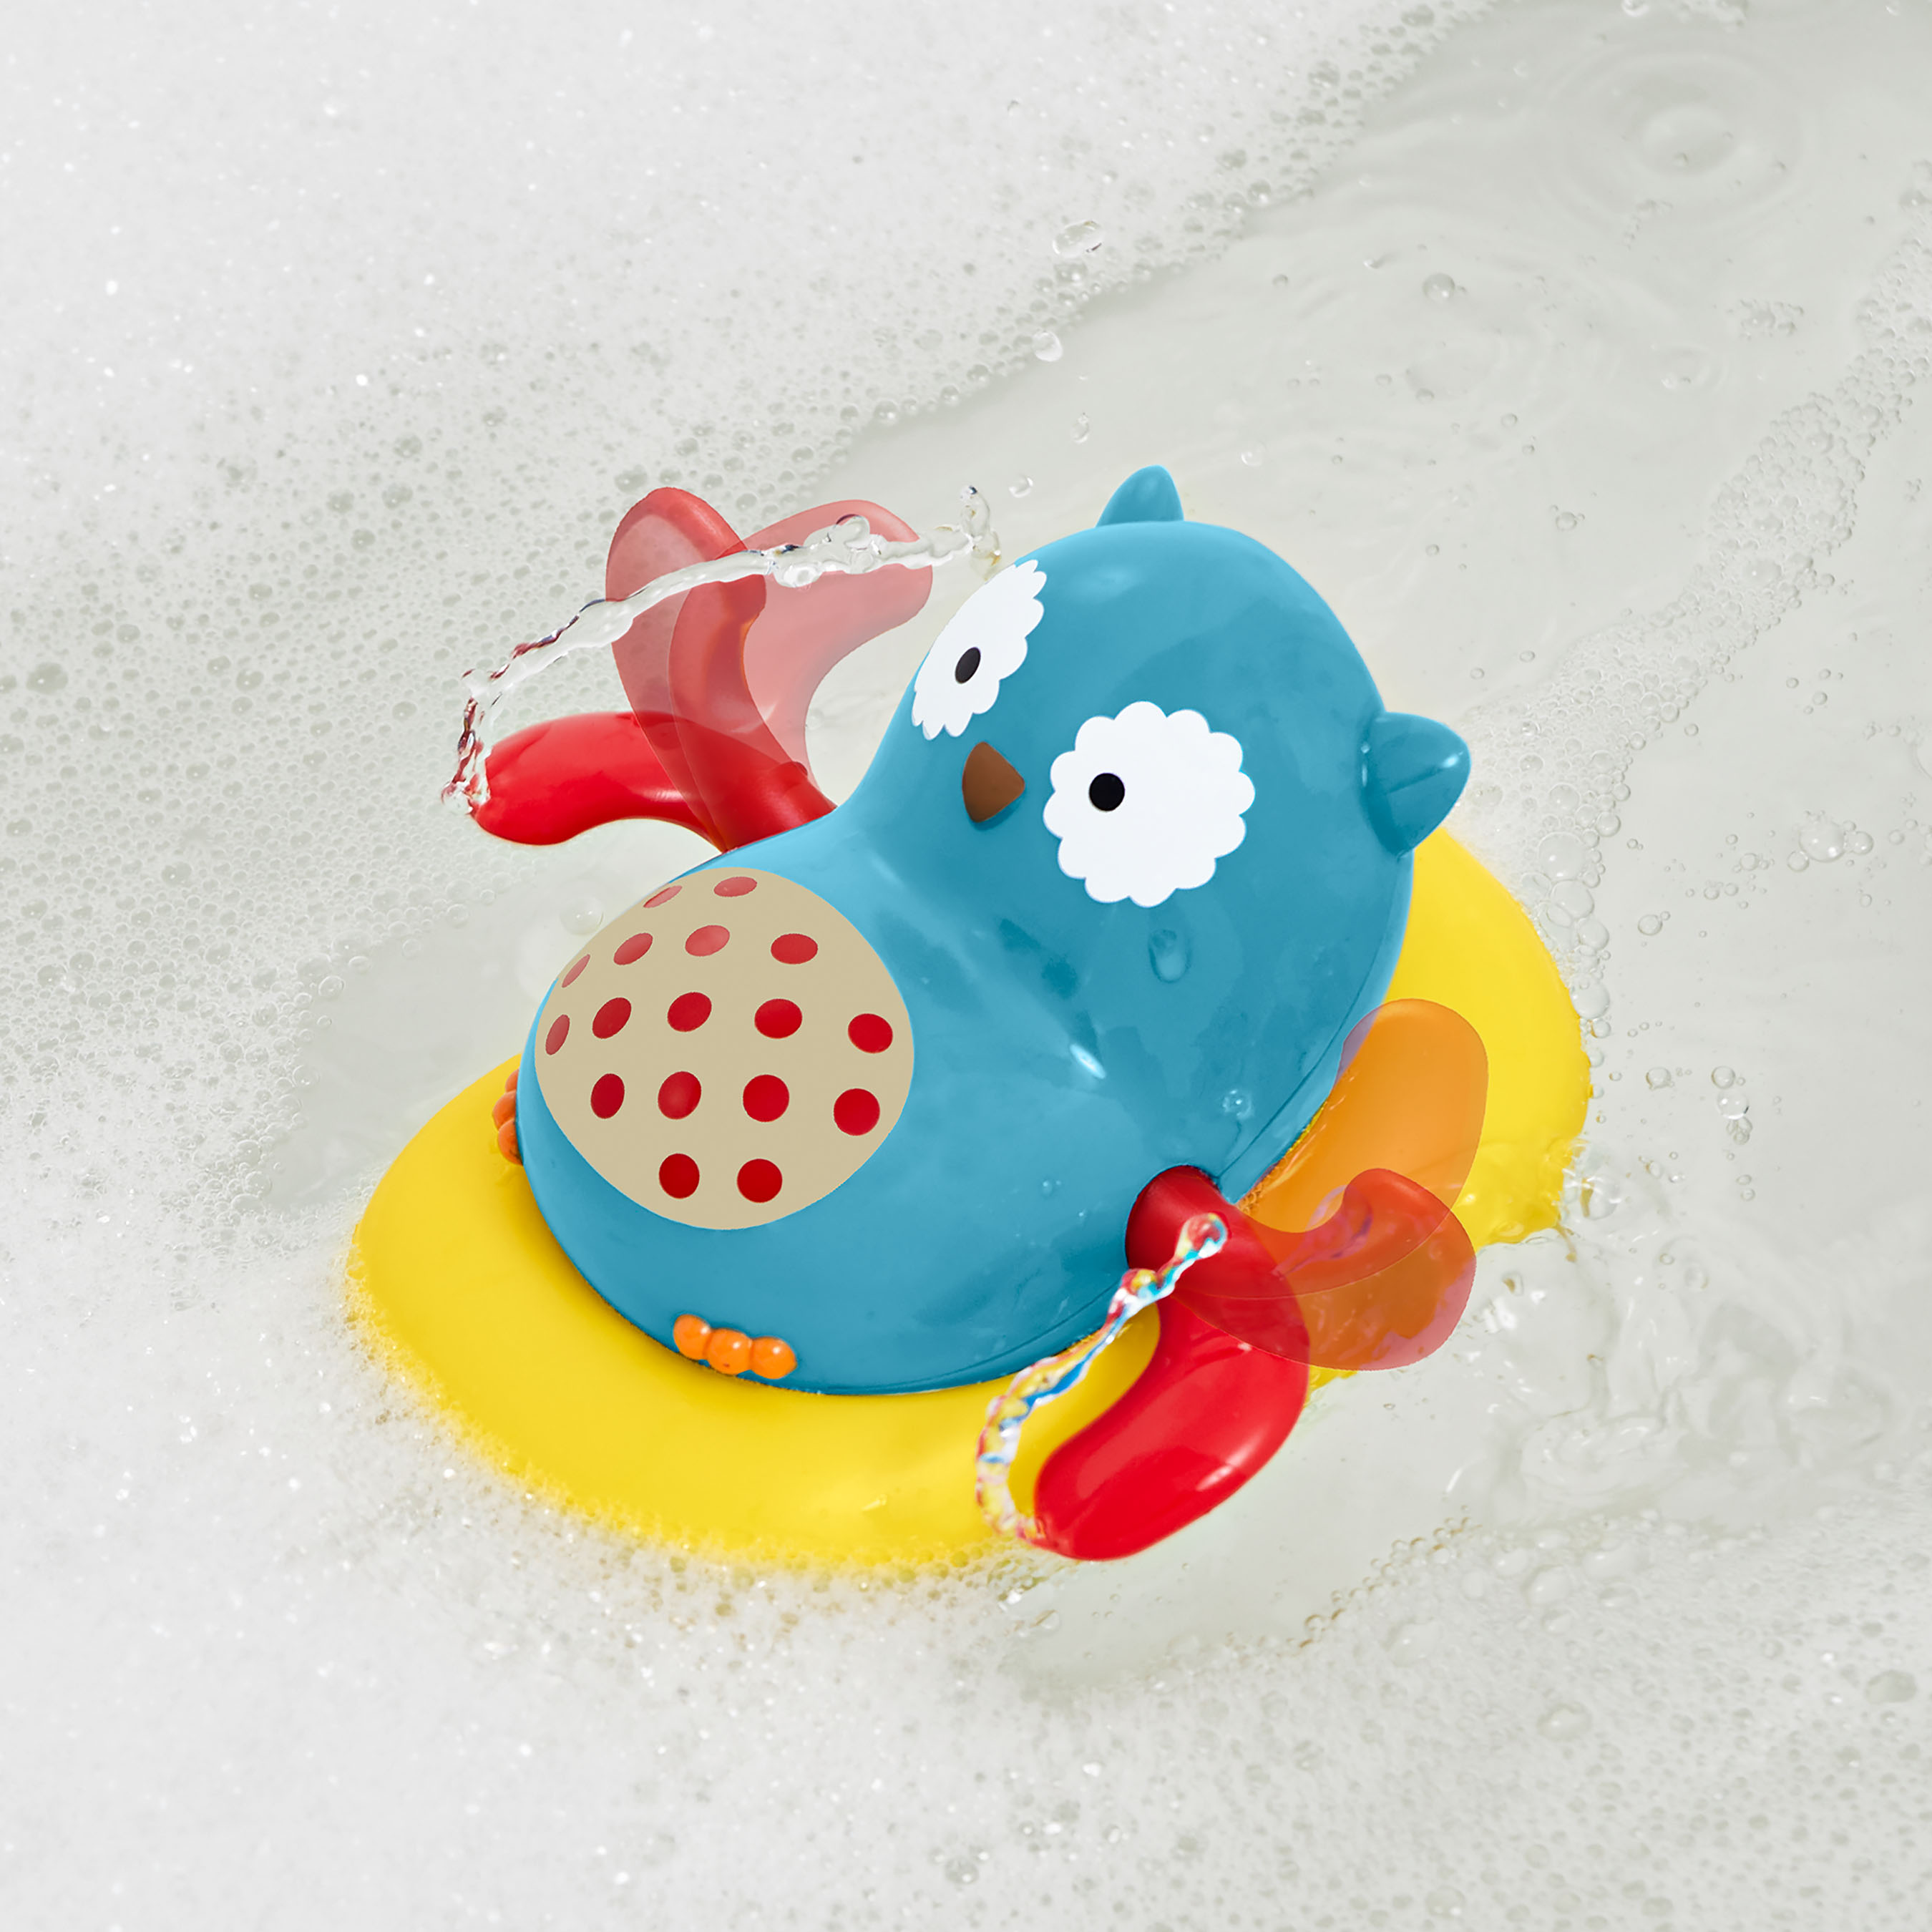 משחק אמבטיה - ינשוף בסירת פדלים